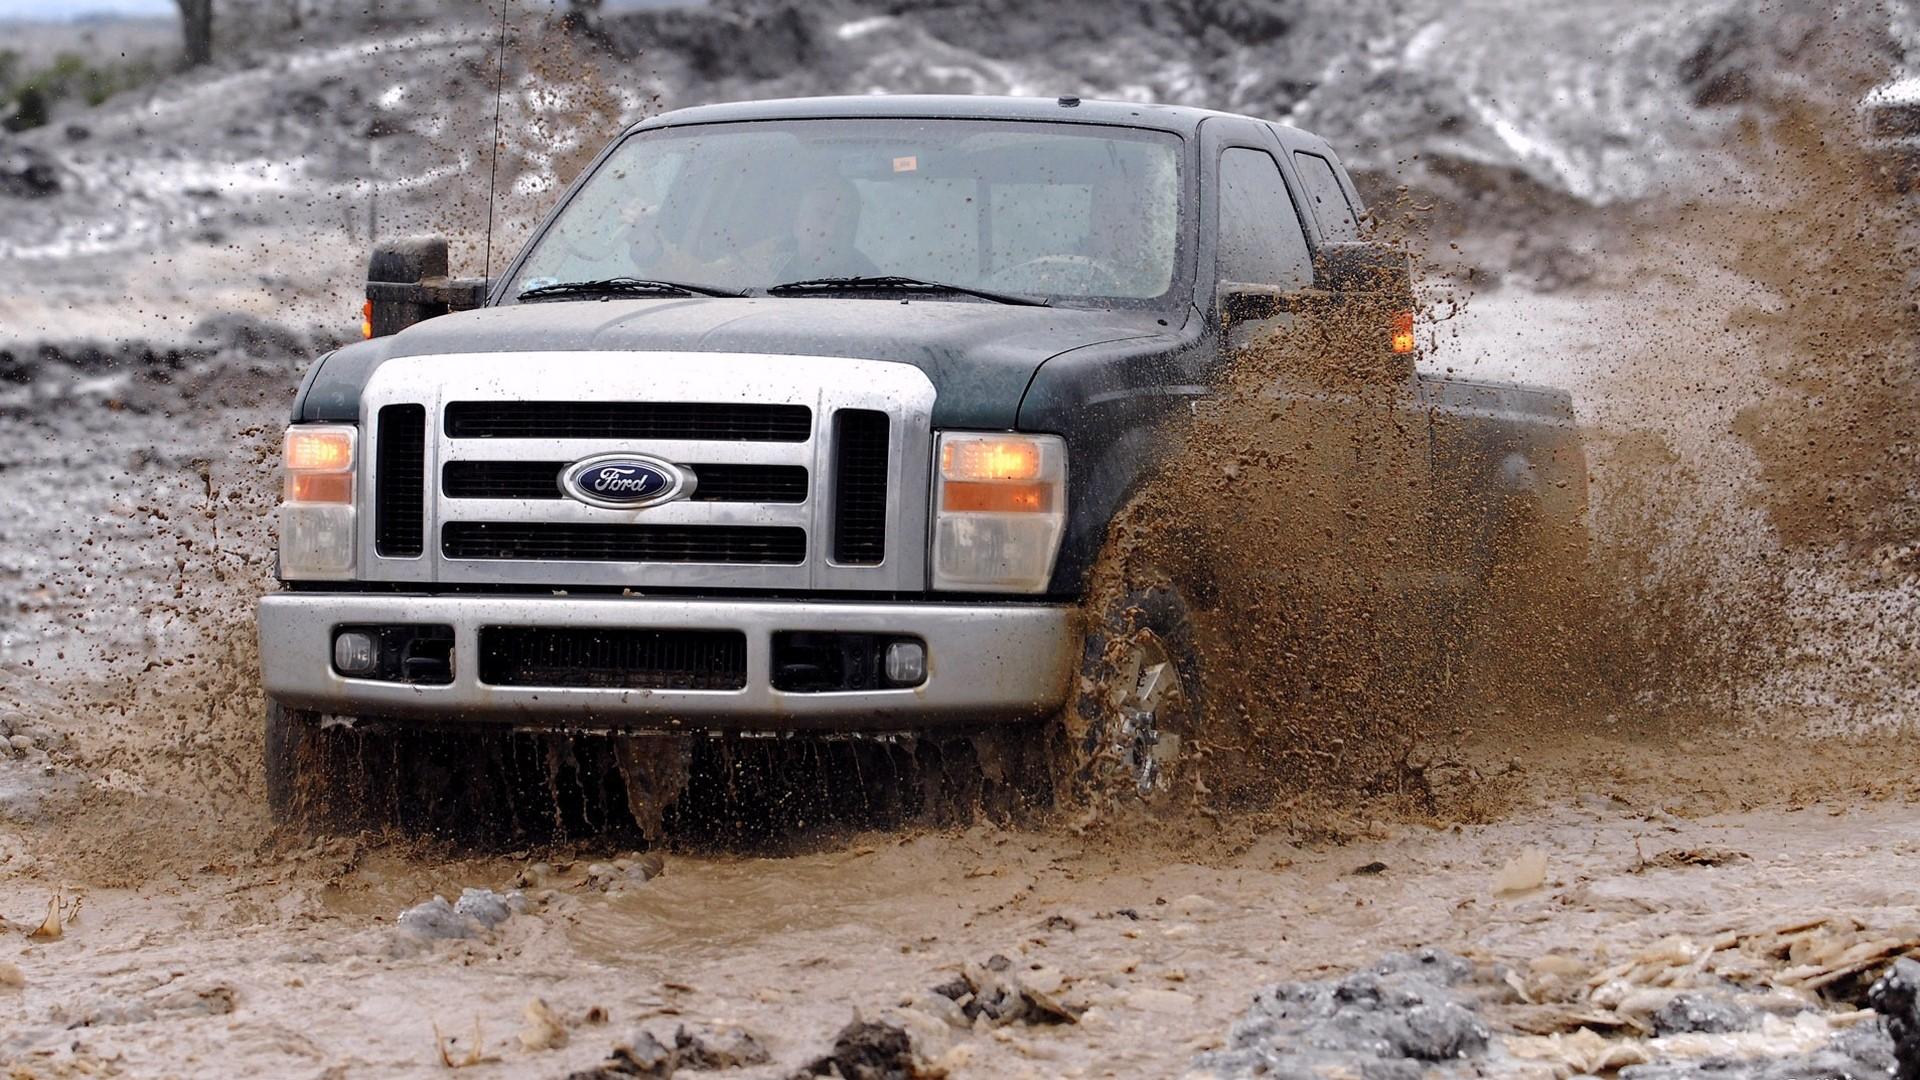 Floods Hit Ford Trucks Wallpapers